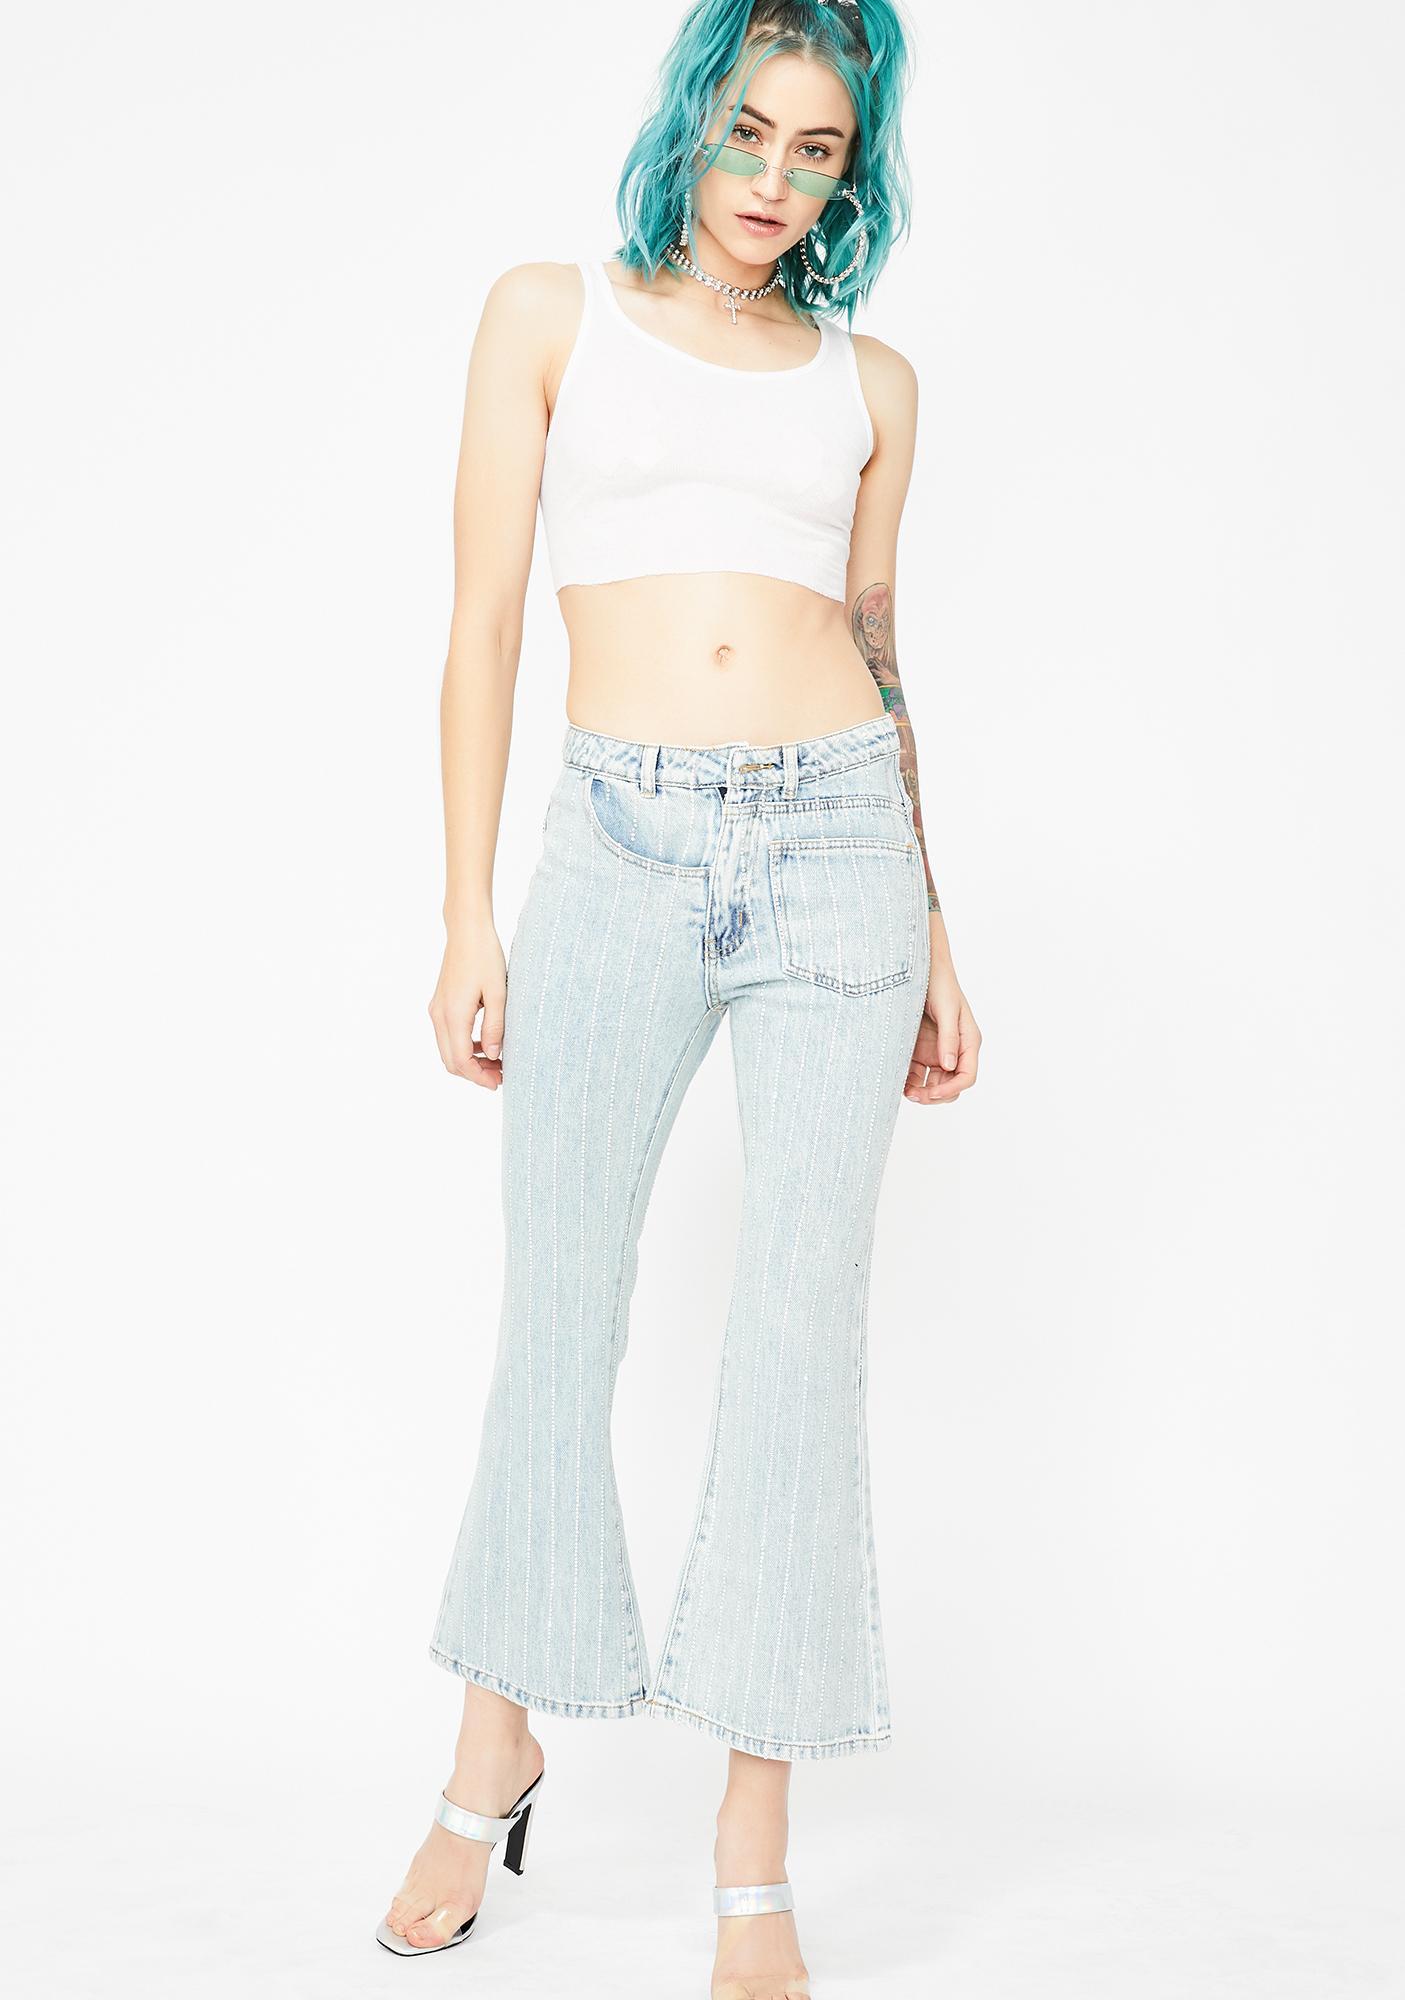 Crystal Cutie Rhinestone Jeans